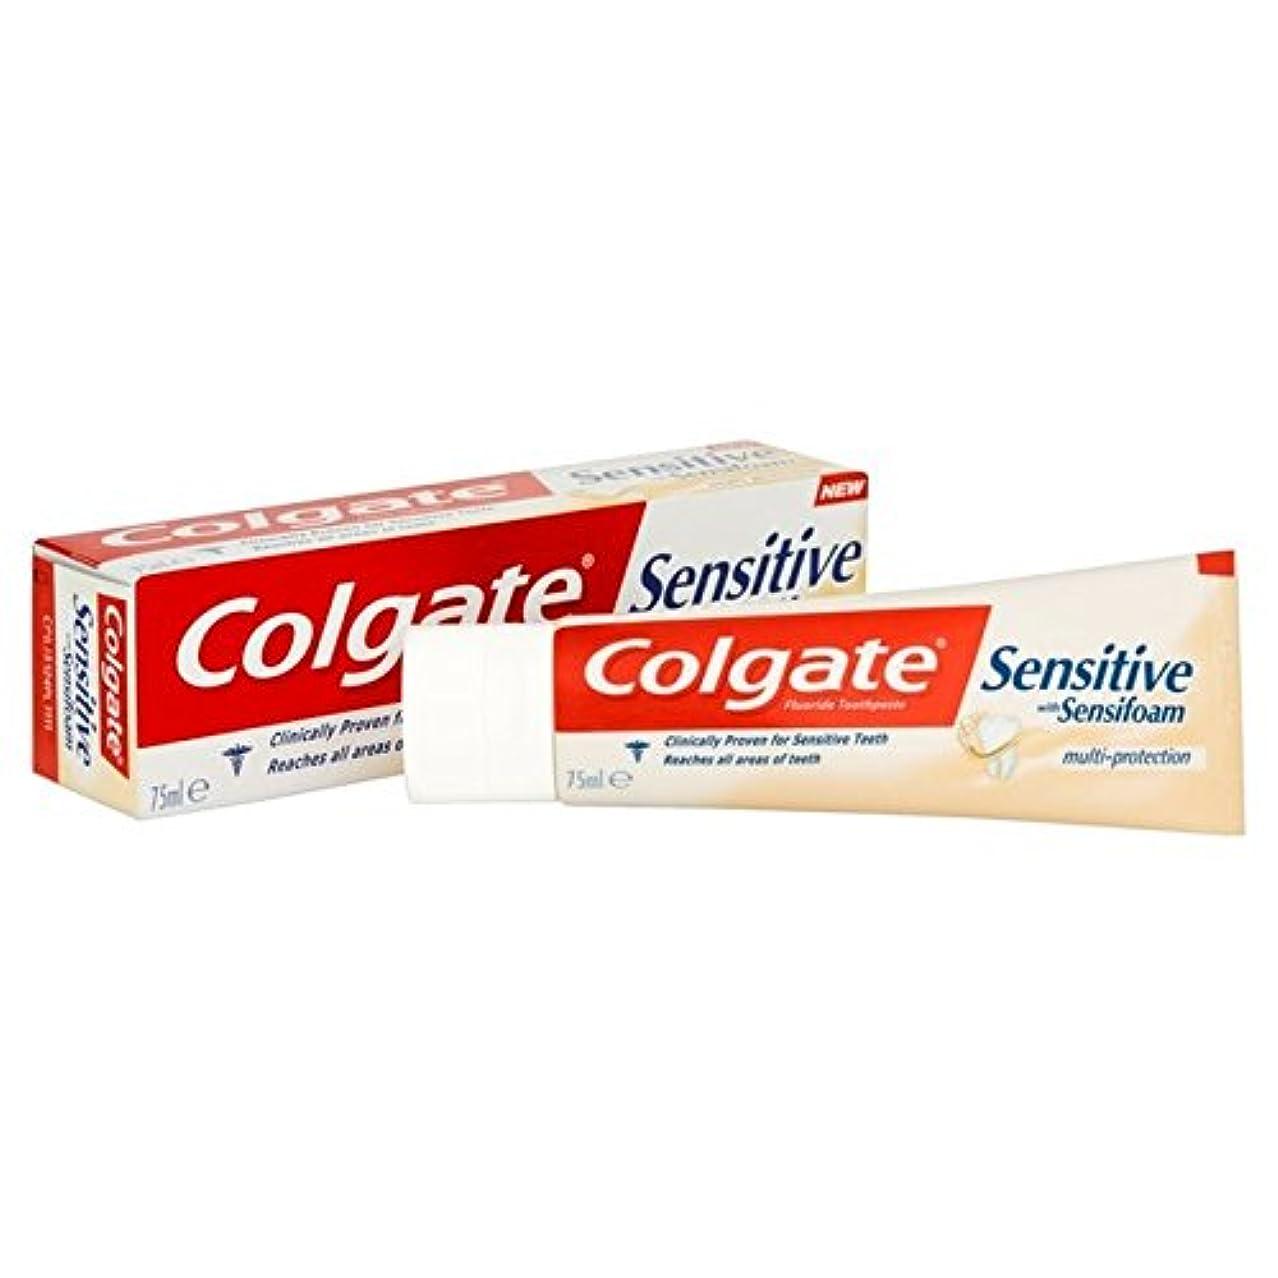 戦艦真鍮信頼できるコルゲート敏感な泡は、マルチ歯磨き粉75ミリリットルを保護します x2 - Colgate Sensitive Foam Multi Protect Toothpaste 75ml (Pack of 2) [並行輸入品]